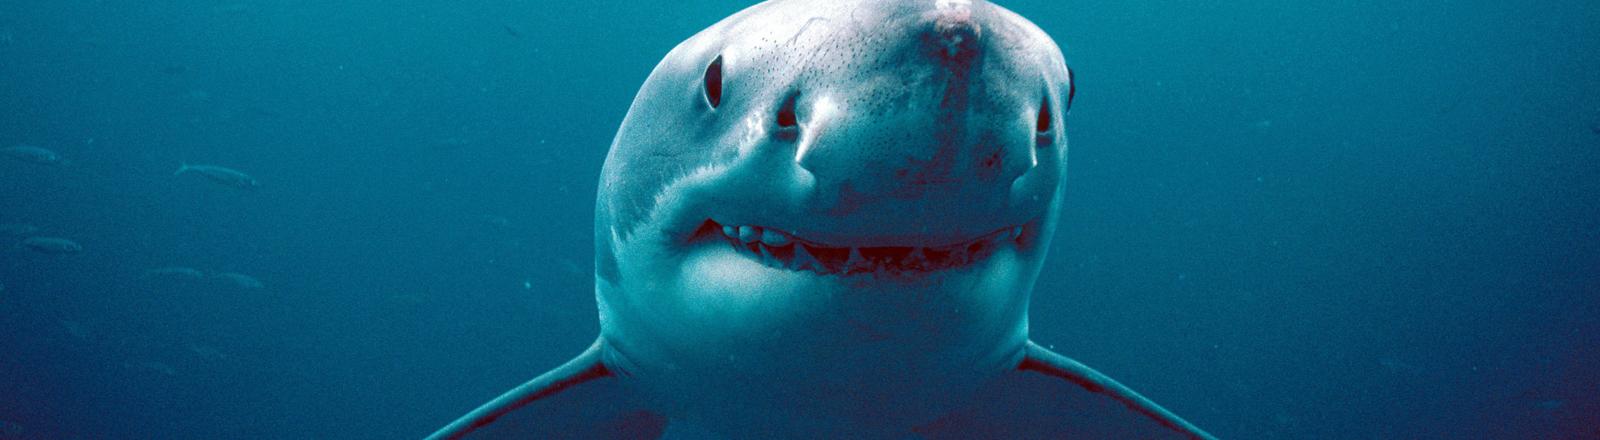 Weißer Hai im Meer.